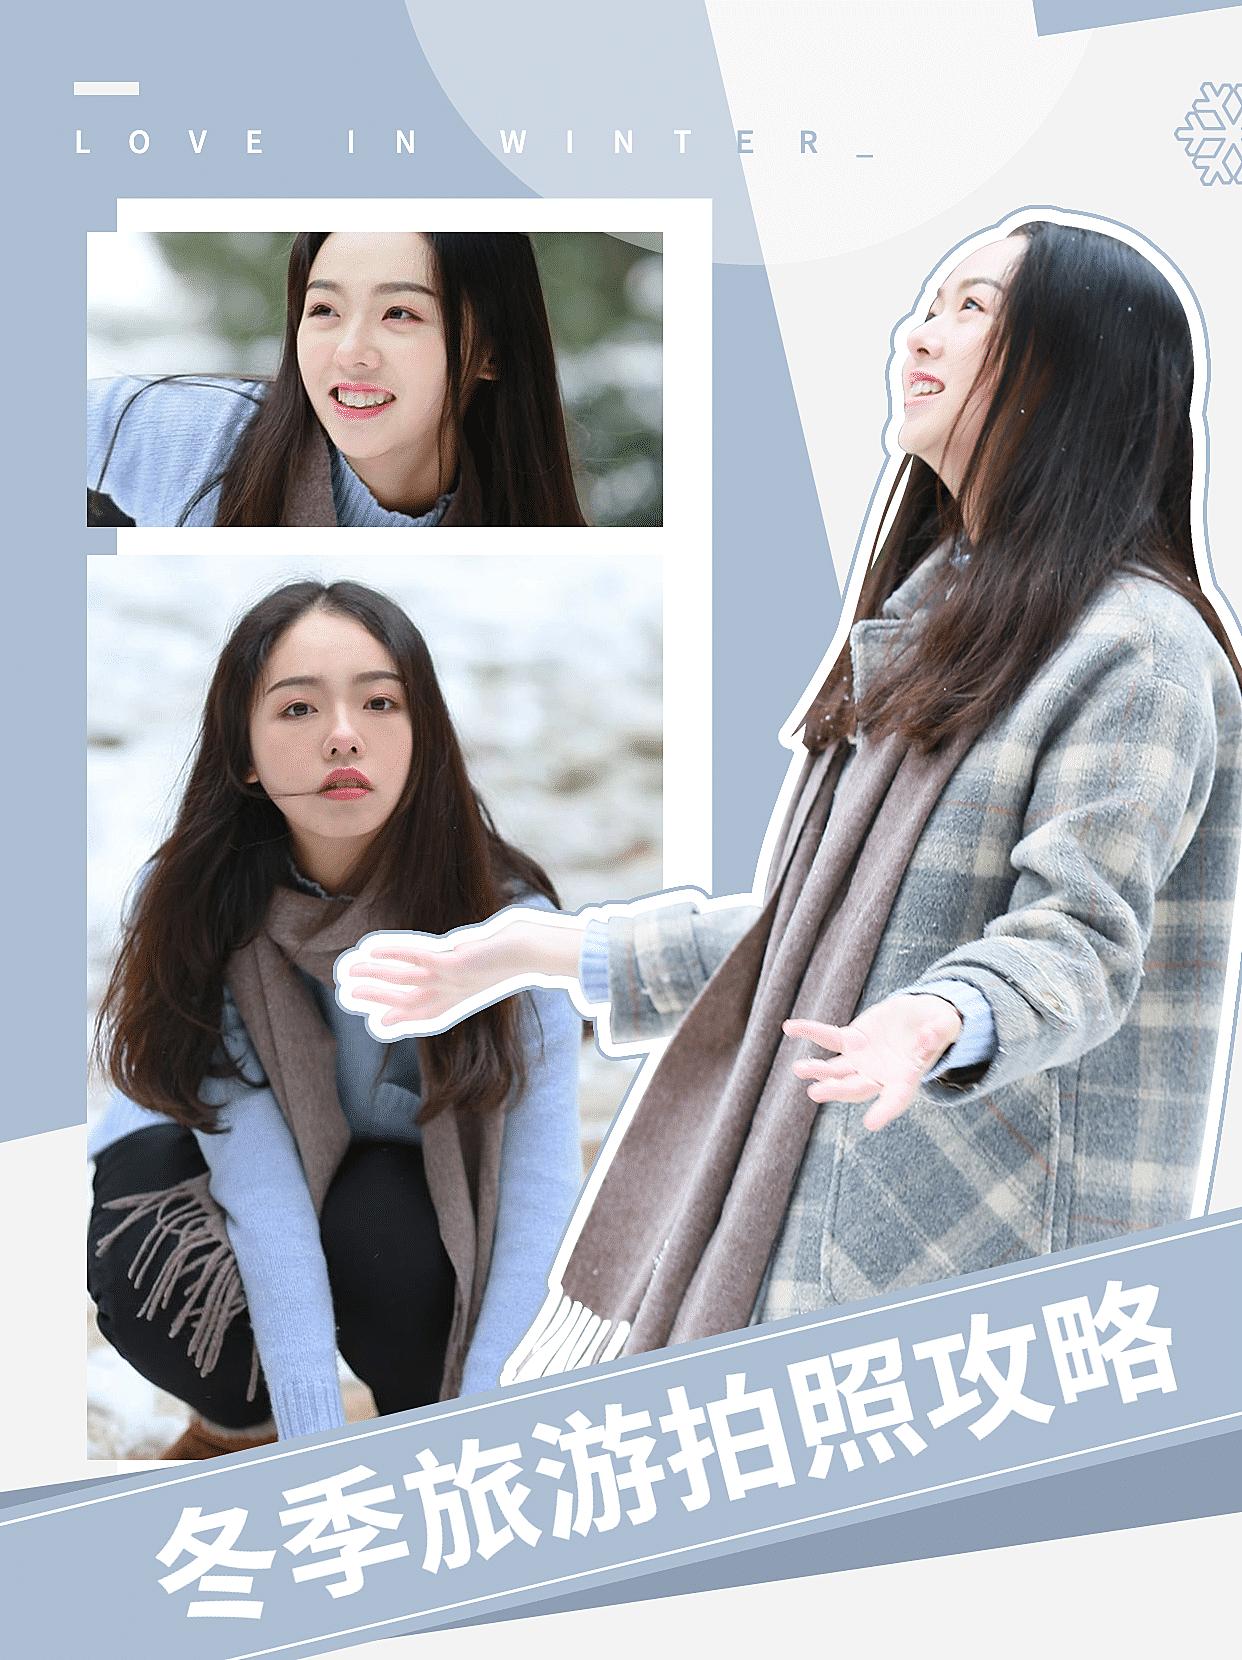 清新风旅游拍照攻略小红书封面配图